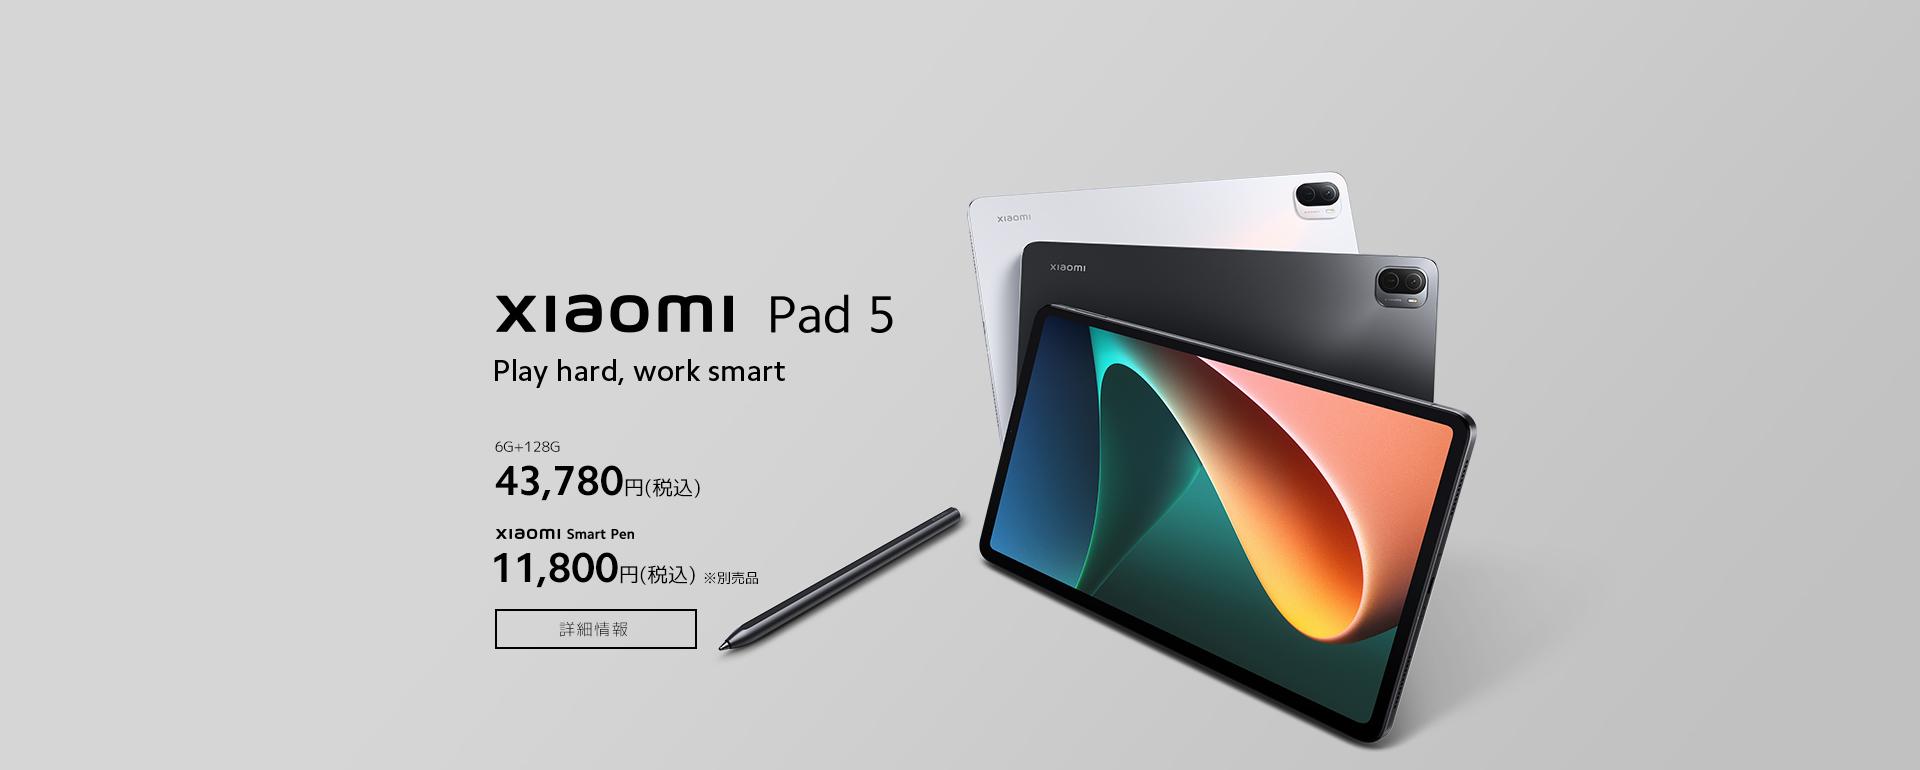 Xiaomi Pad 5&Smart Pen